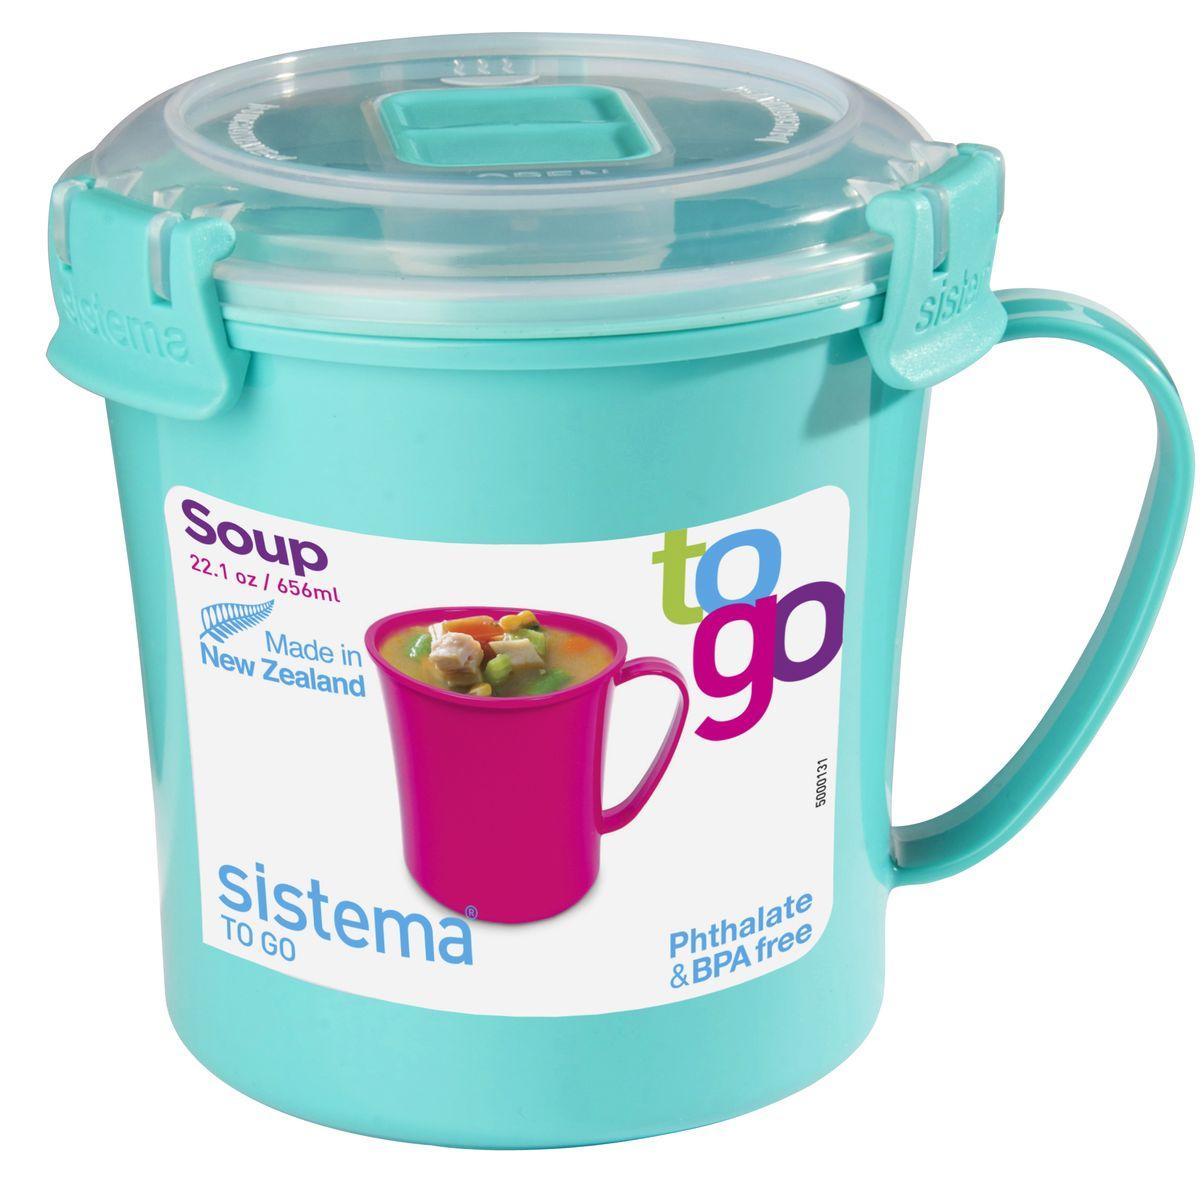 Кружка суповая Sistema TO-GO, цвет: бирюзовый, 656 мл21107_бирюзовый